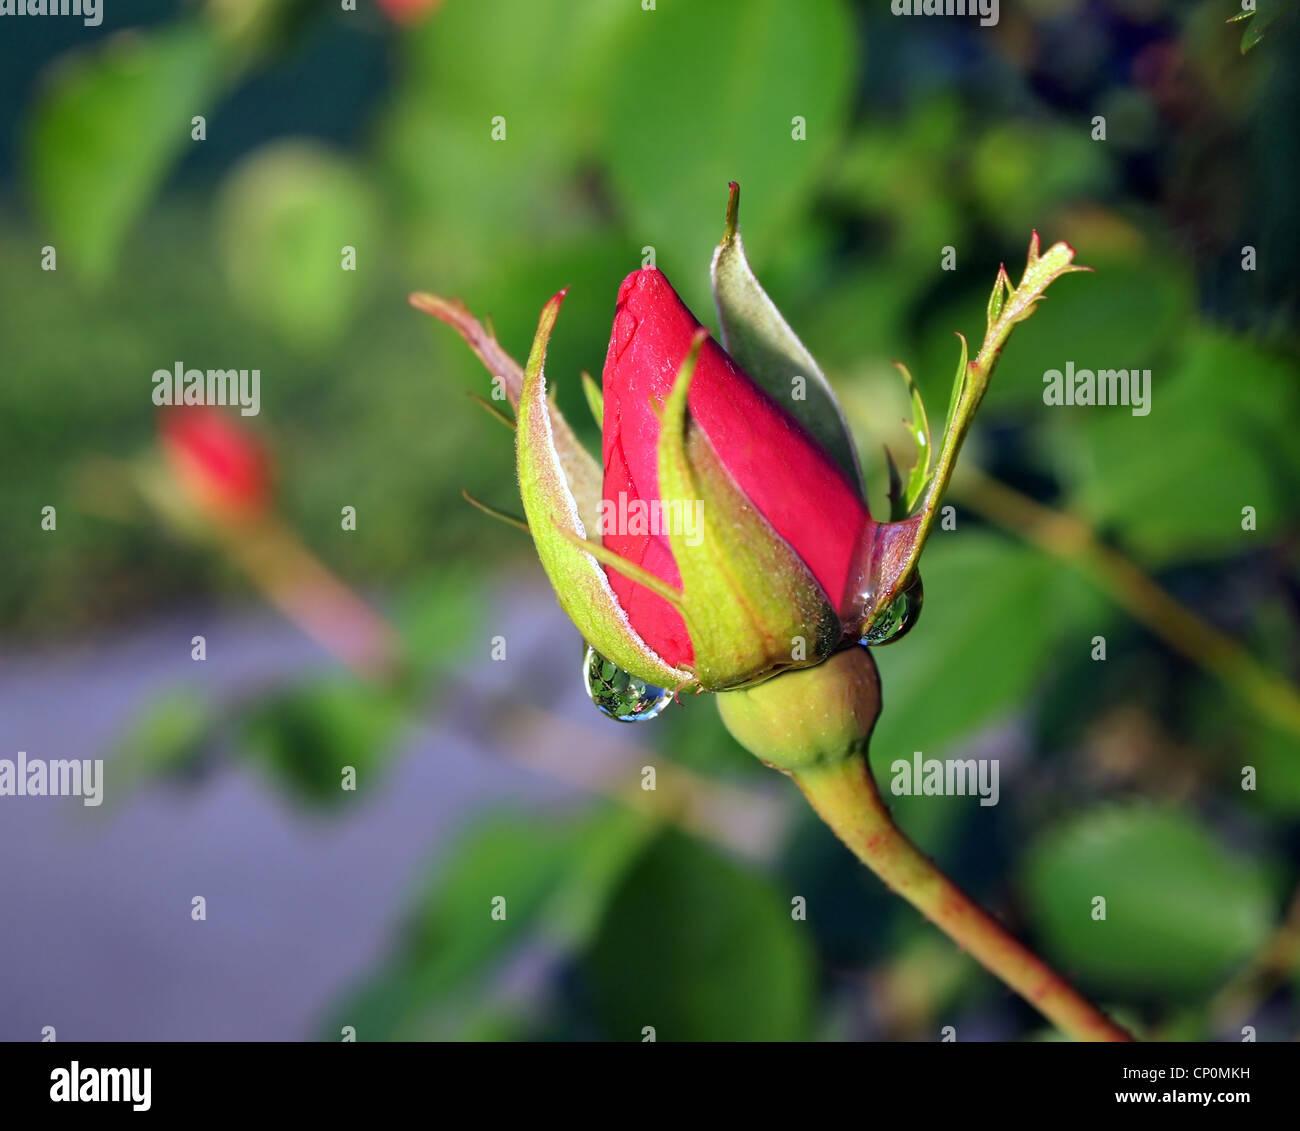 Rose, rose, fleur, jardin, jardin botanique, rosée, l'eau goutte., réfraction, réflexion, printemps, Photo Stock